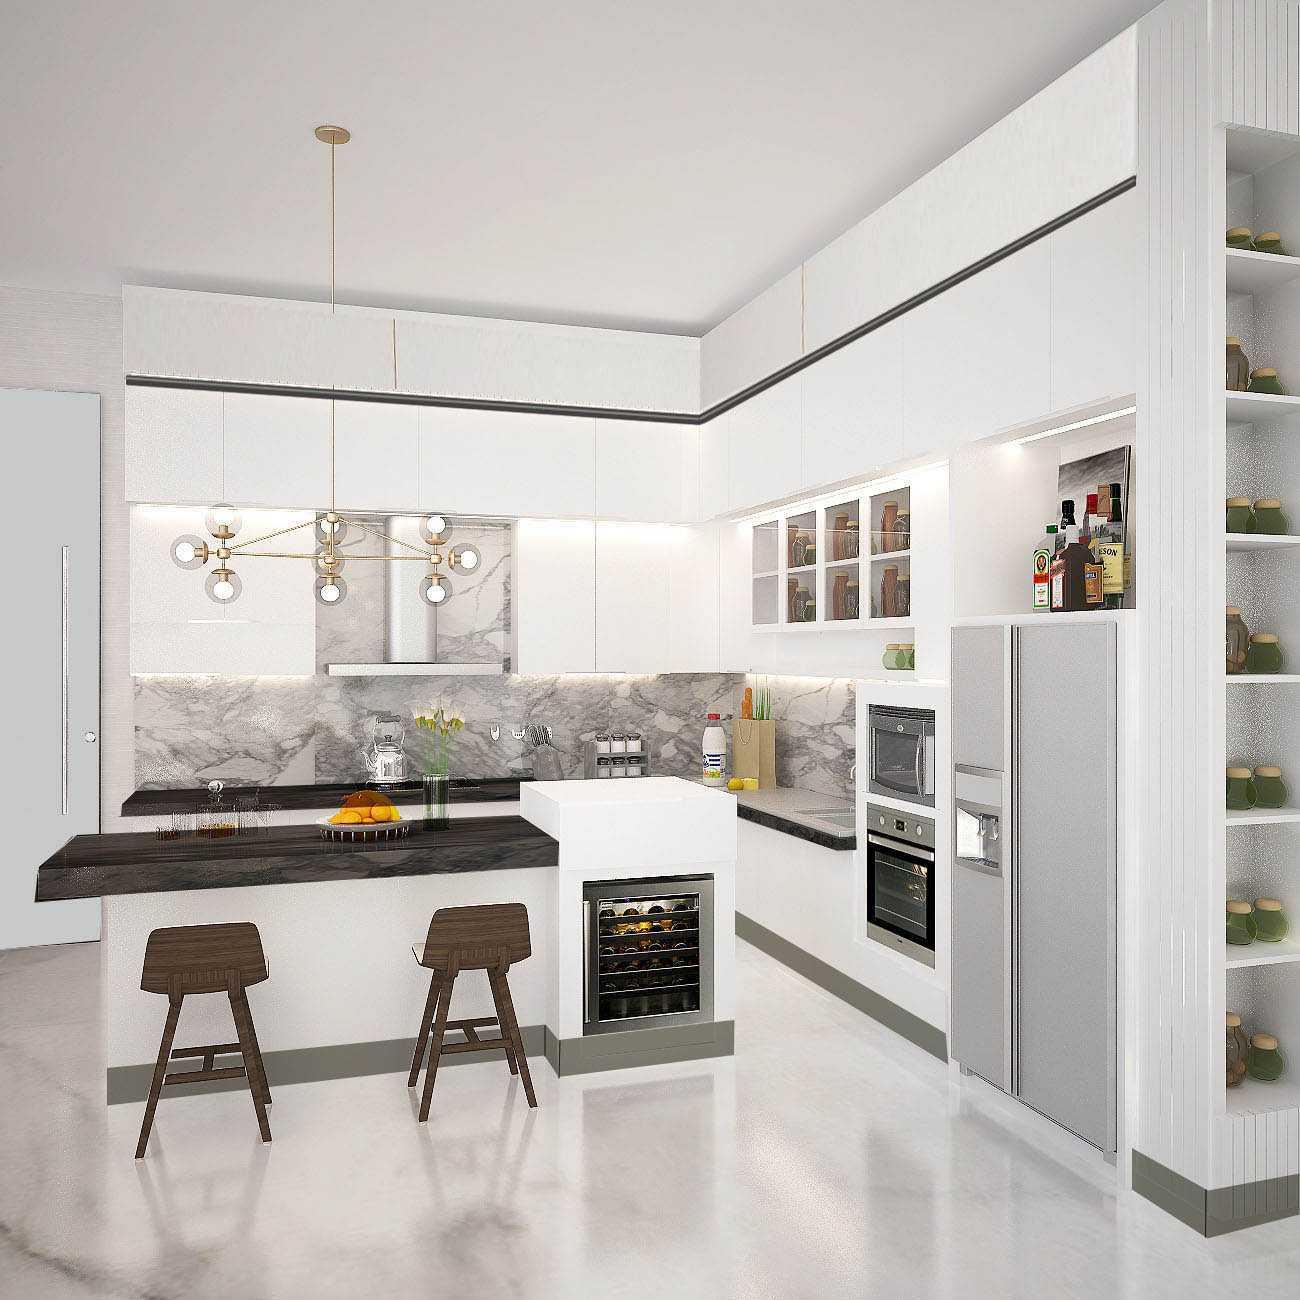 Kaye Interior Design Kemang Pratama House Bekasi, Tambelang, Bekasi, Jawa Barat, Indonesia Bekasi, Tambelang, Bekasi, Jawa Barat, Indonesia Kitchen Area   48917